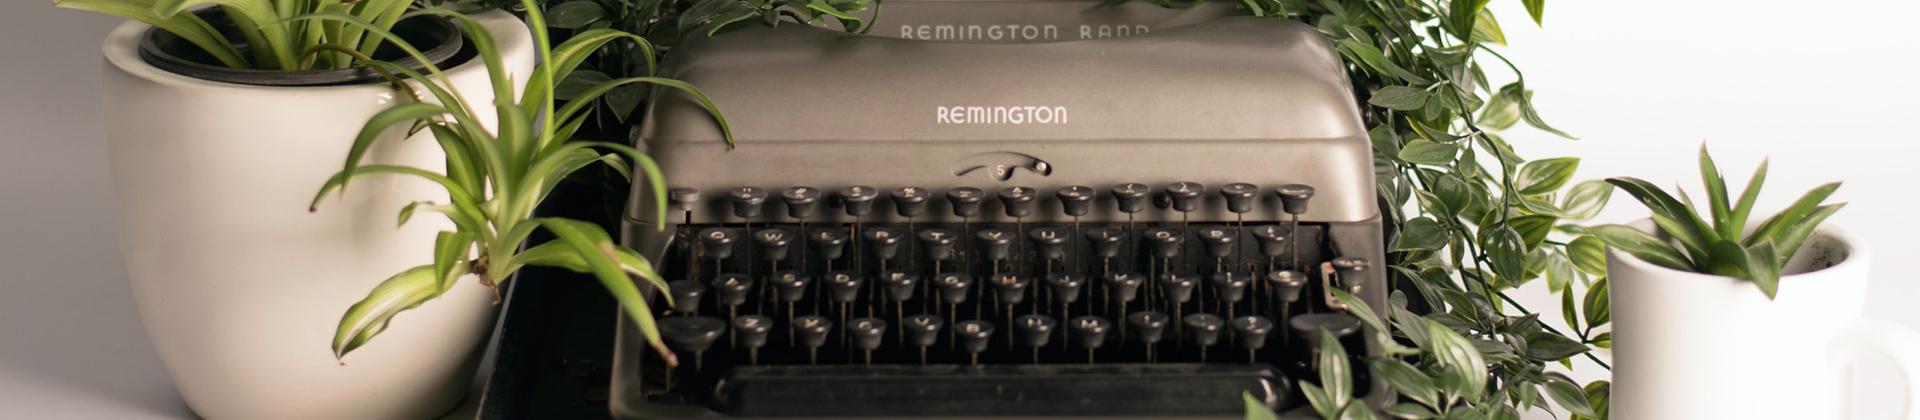 Typemachine tussen het groen